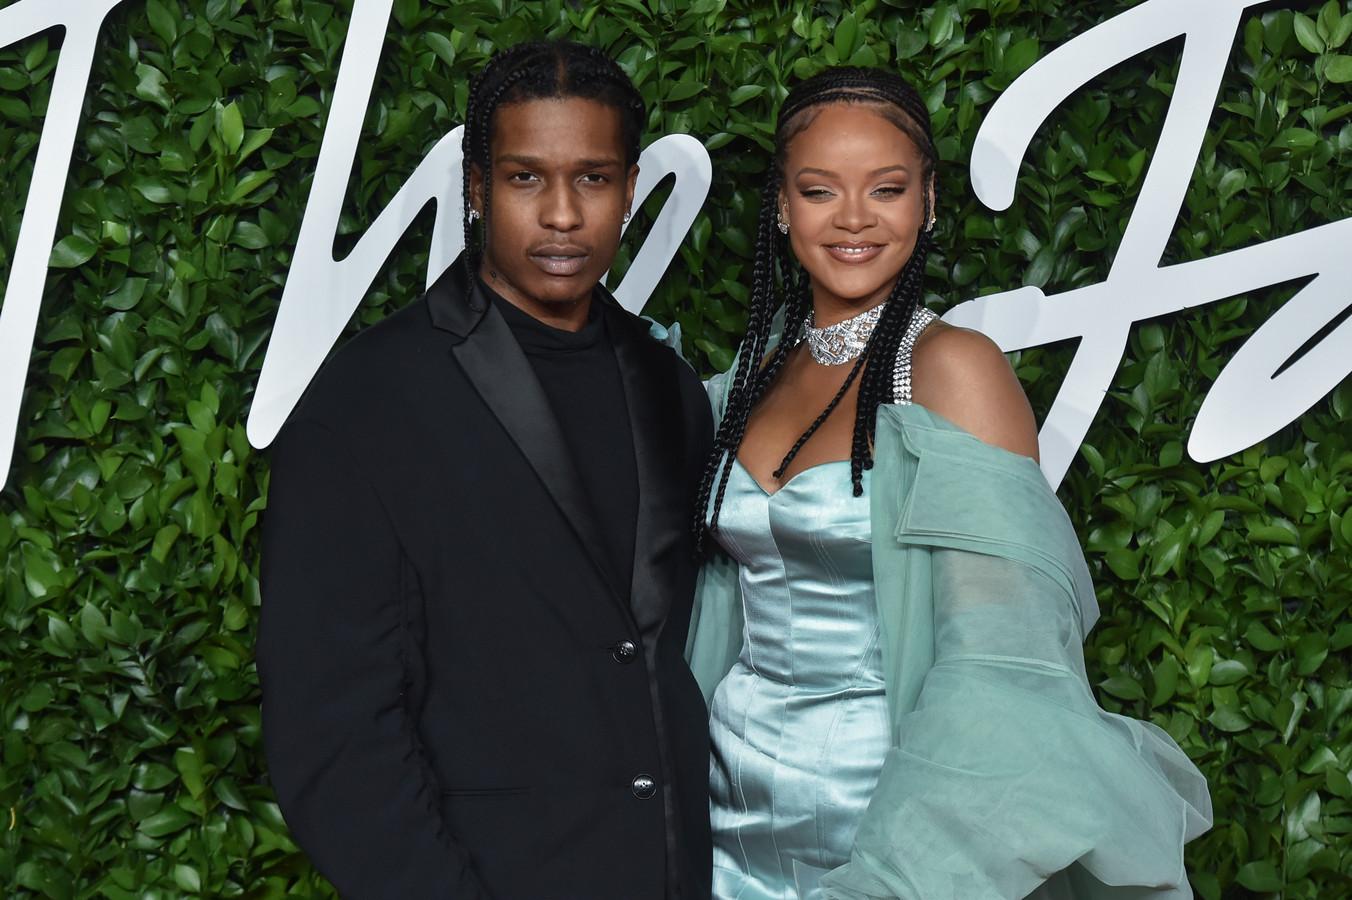 ASAP Rocky en Rihanna op de rode loper van The Fashion Awards 2019